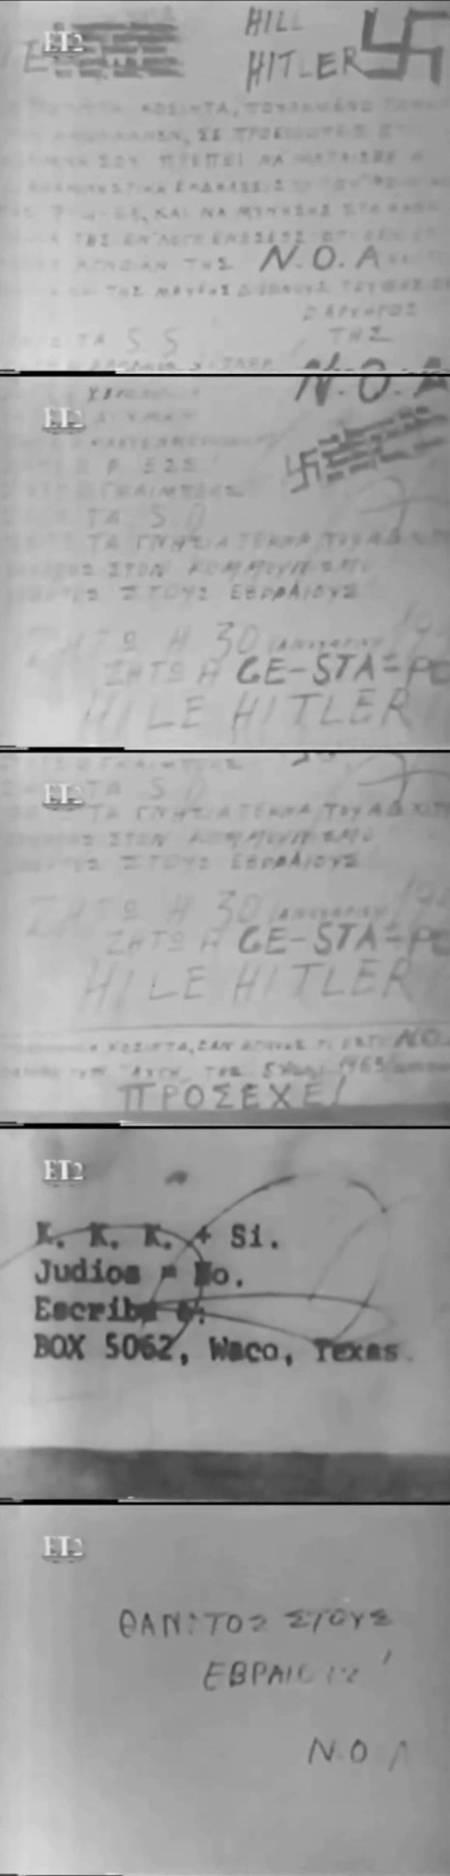 Απειλητική επιστολή εναντίον του απόστρατου (ΕΔΕΣίτη) στρατηγού Νικόλαου Κοσίντα, με υπογραφή ΝΟΑ, 'Ναζιστική Οργάνωσις Αθηνών, παράρτημα της Κου Κλουξ Κλαν'. Από την ταινία '100 ώρες του Μάη' των Δήμου Θέου και Φώτου Λαμπρινού, 1963-1964. Ο Κοσίντας απειλήθηκε από την ΝΟΑ-ΚΚΚ να μην μιλήσει στην εκδήλωση την ημέρα της επετείου της εισβολής των ναζί στην Αθήνα, της 'Πανελληνίου Ενώσεως Θυμάτων Γερμανικής Κατοχής Ο Φοίνιξ', μιας οργάνωσης που αγωνιζόταν για την αναγνώριση της (πραγματικής) Εθνικής Αντίστασης.